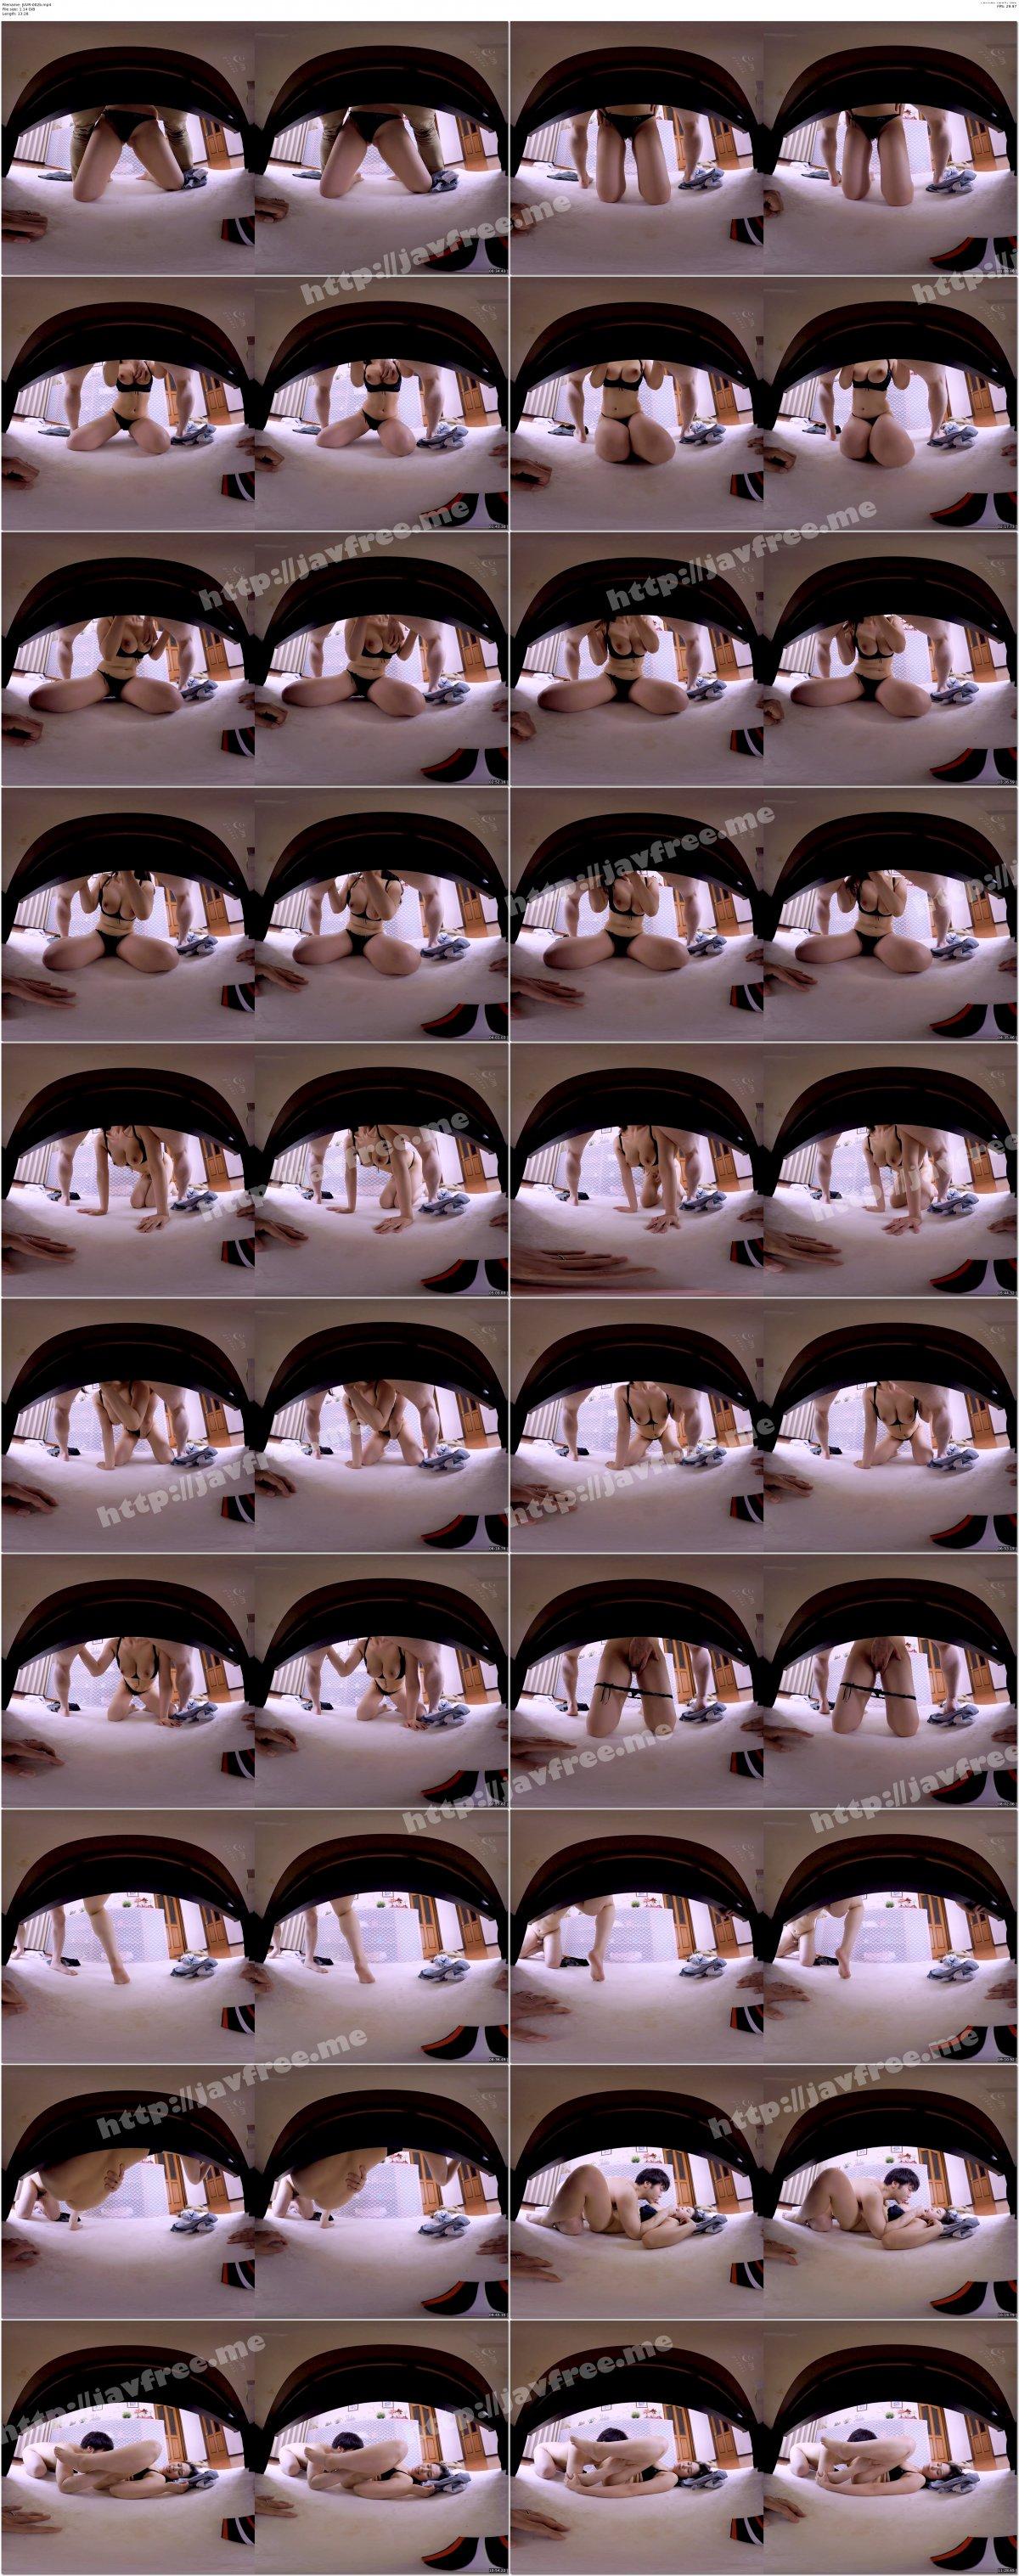 [JUVR-002] 【VR】マドンナVR!! 祝15周年 VR×DVD連動企画!! 【閲覧注意】人生で最も寝取られたくないNTR話 ベッドの下から妻の痴態を覗き見ることしかできない僕…。屈辱と興奮のネトラレ体験VR - image JUVR-002b on https://javfree.me